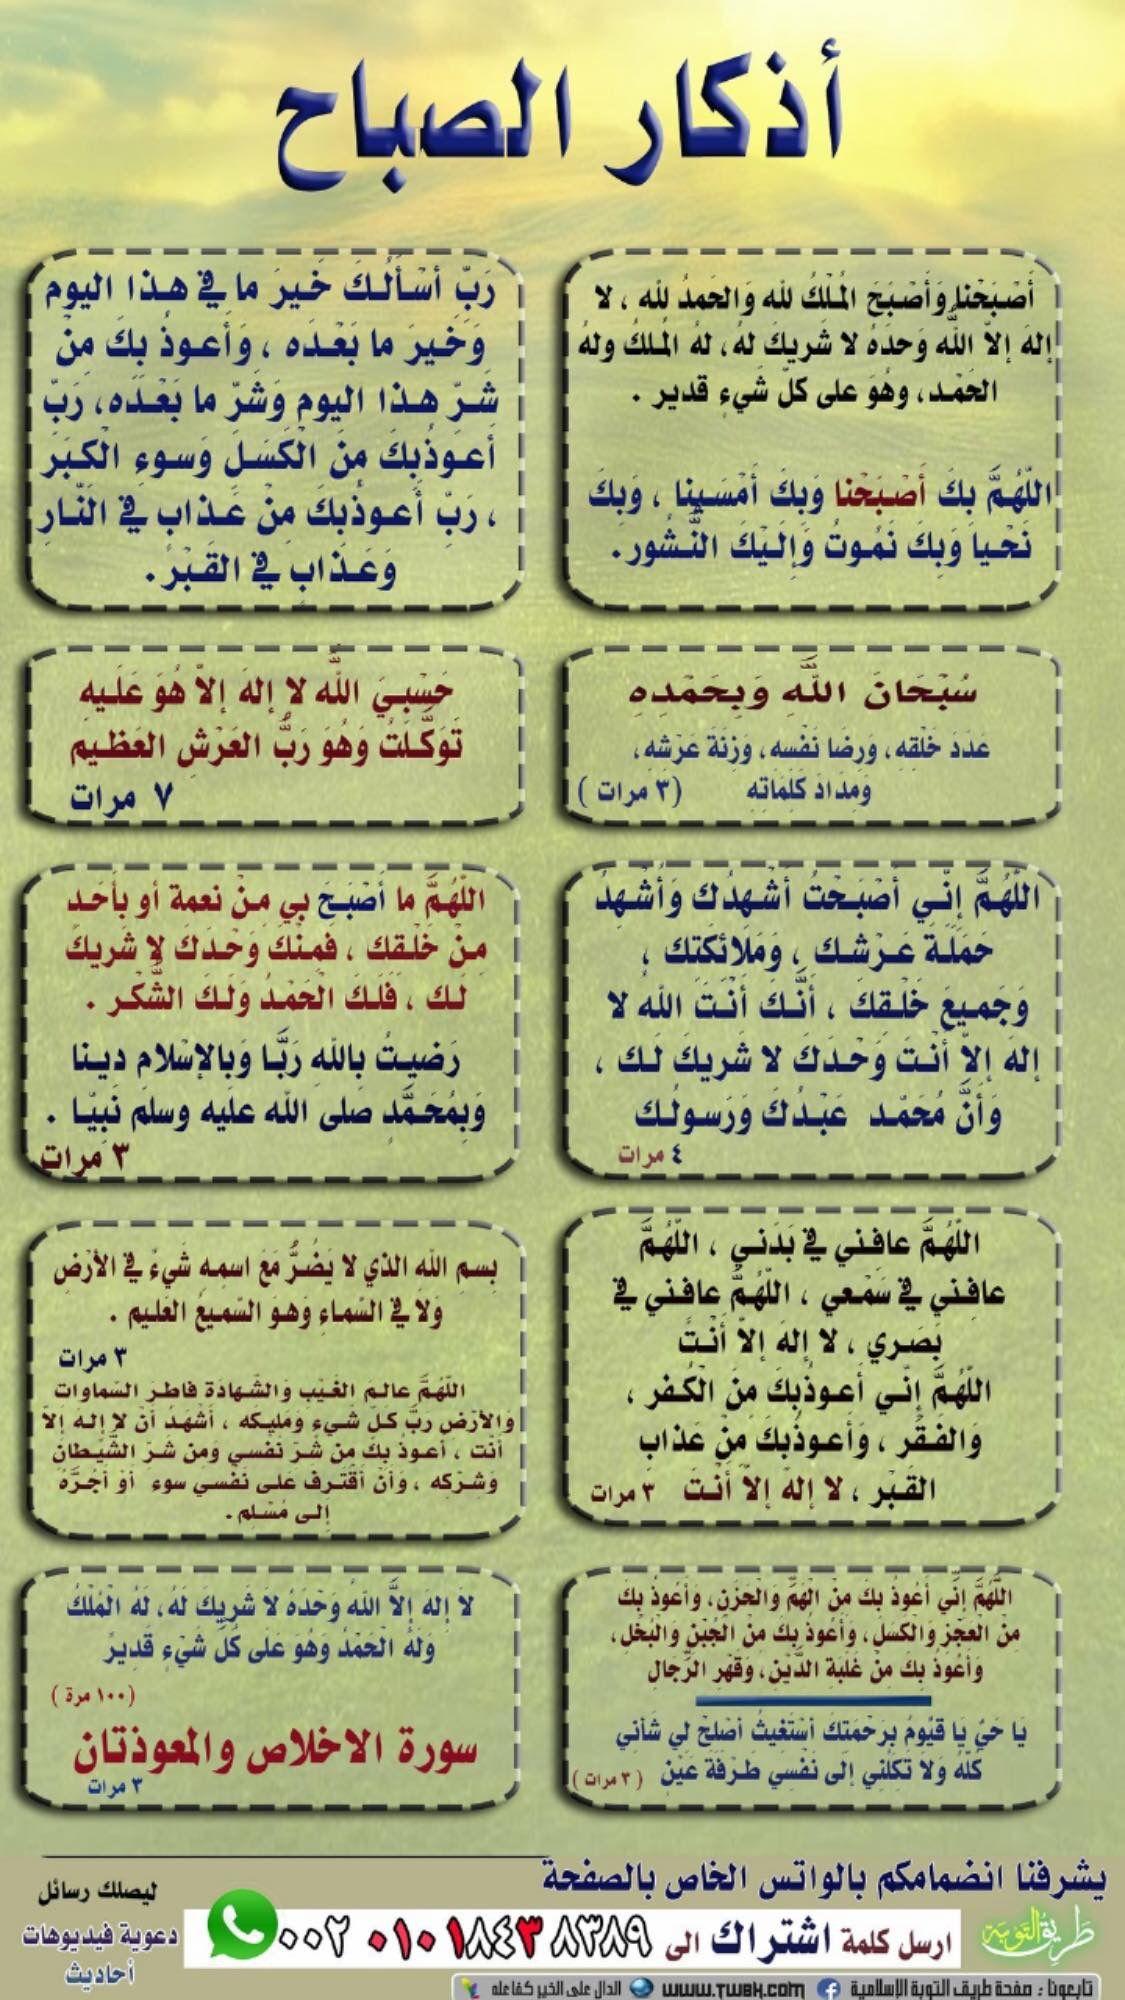 أذكار الصباح Islamic Quotes Quotes Life Quotes